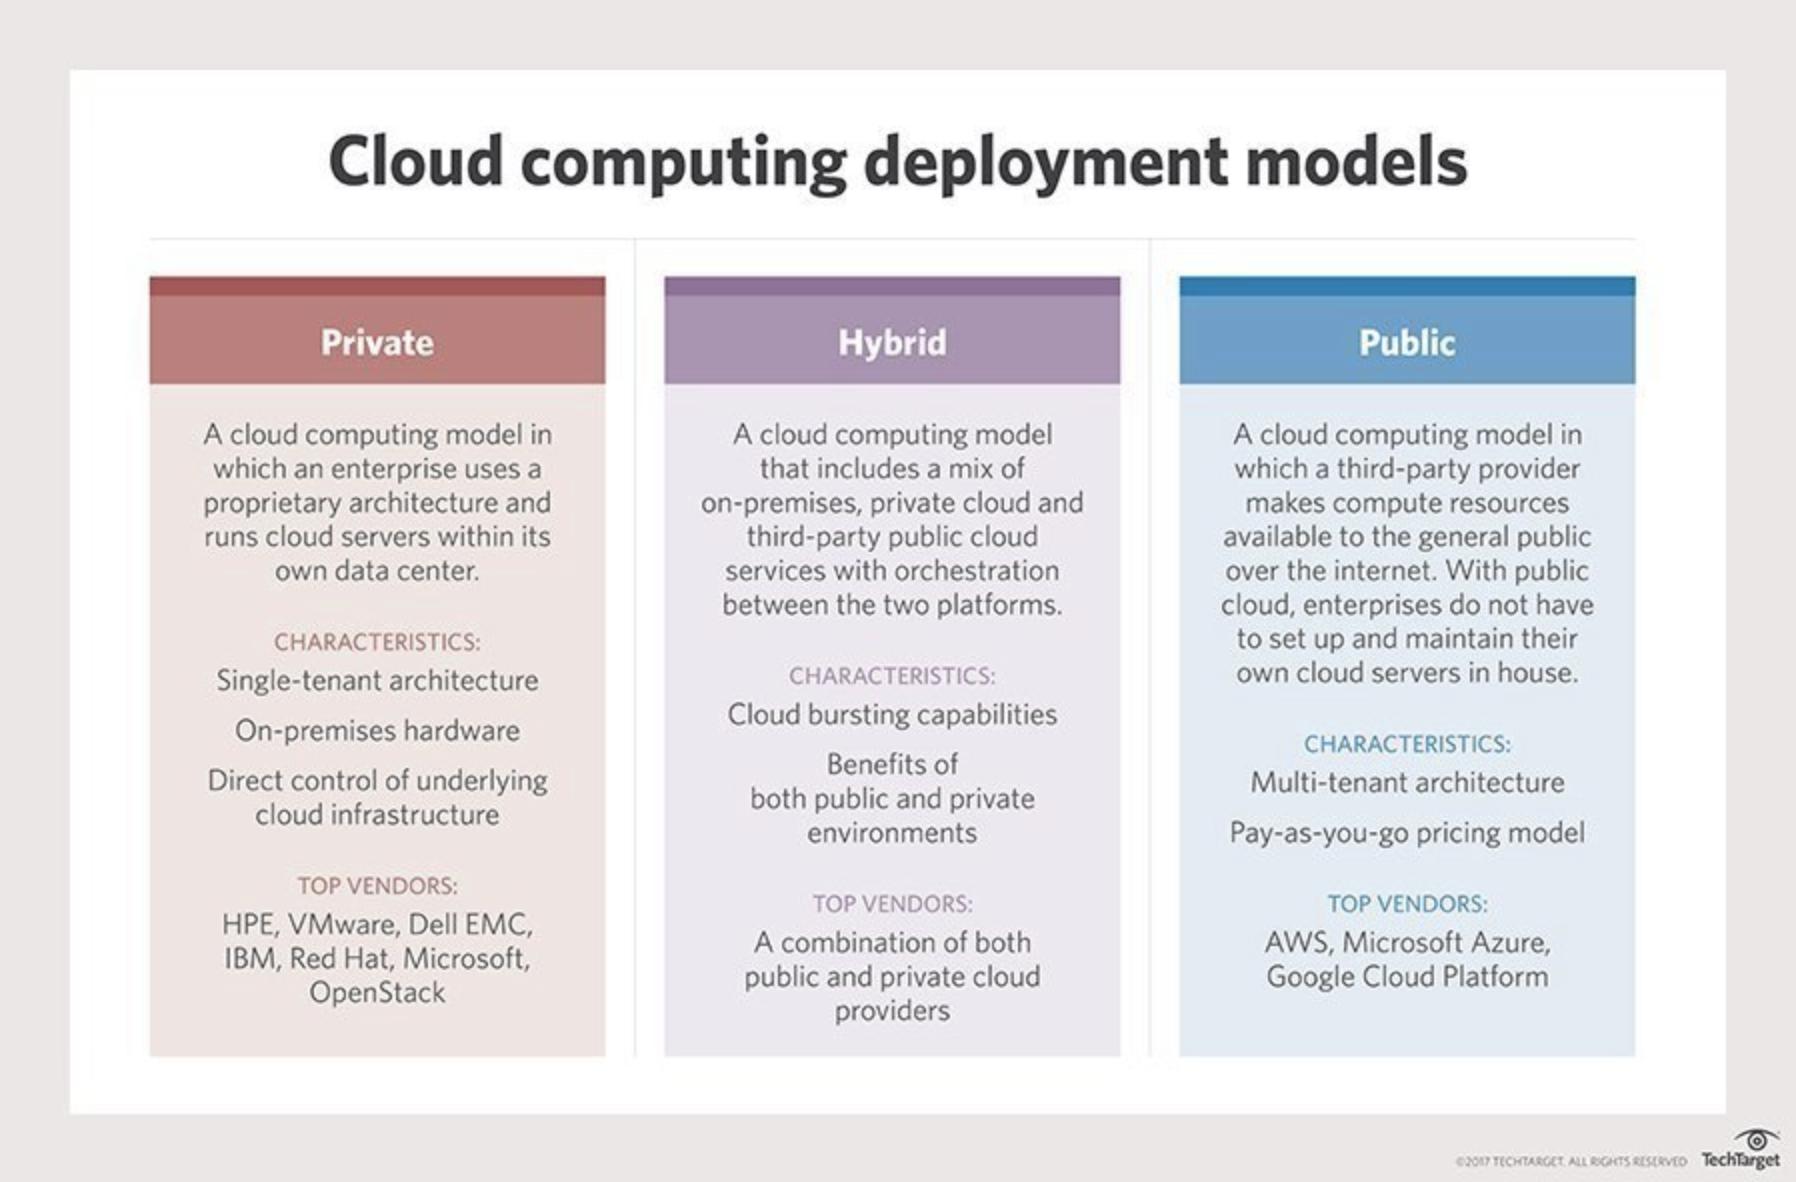 Compare private vs. hybrid vs. public cloud